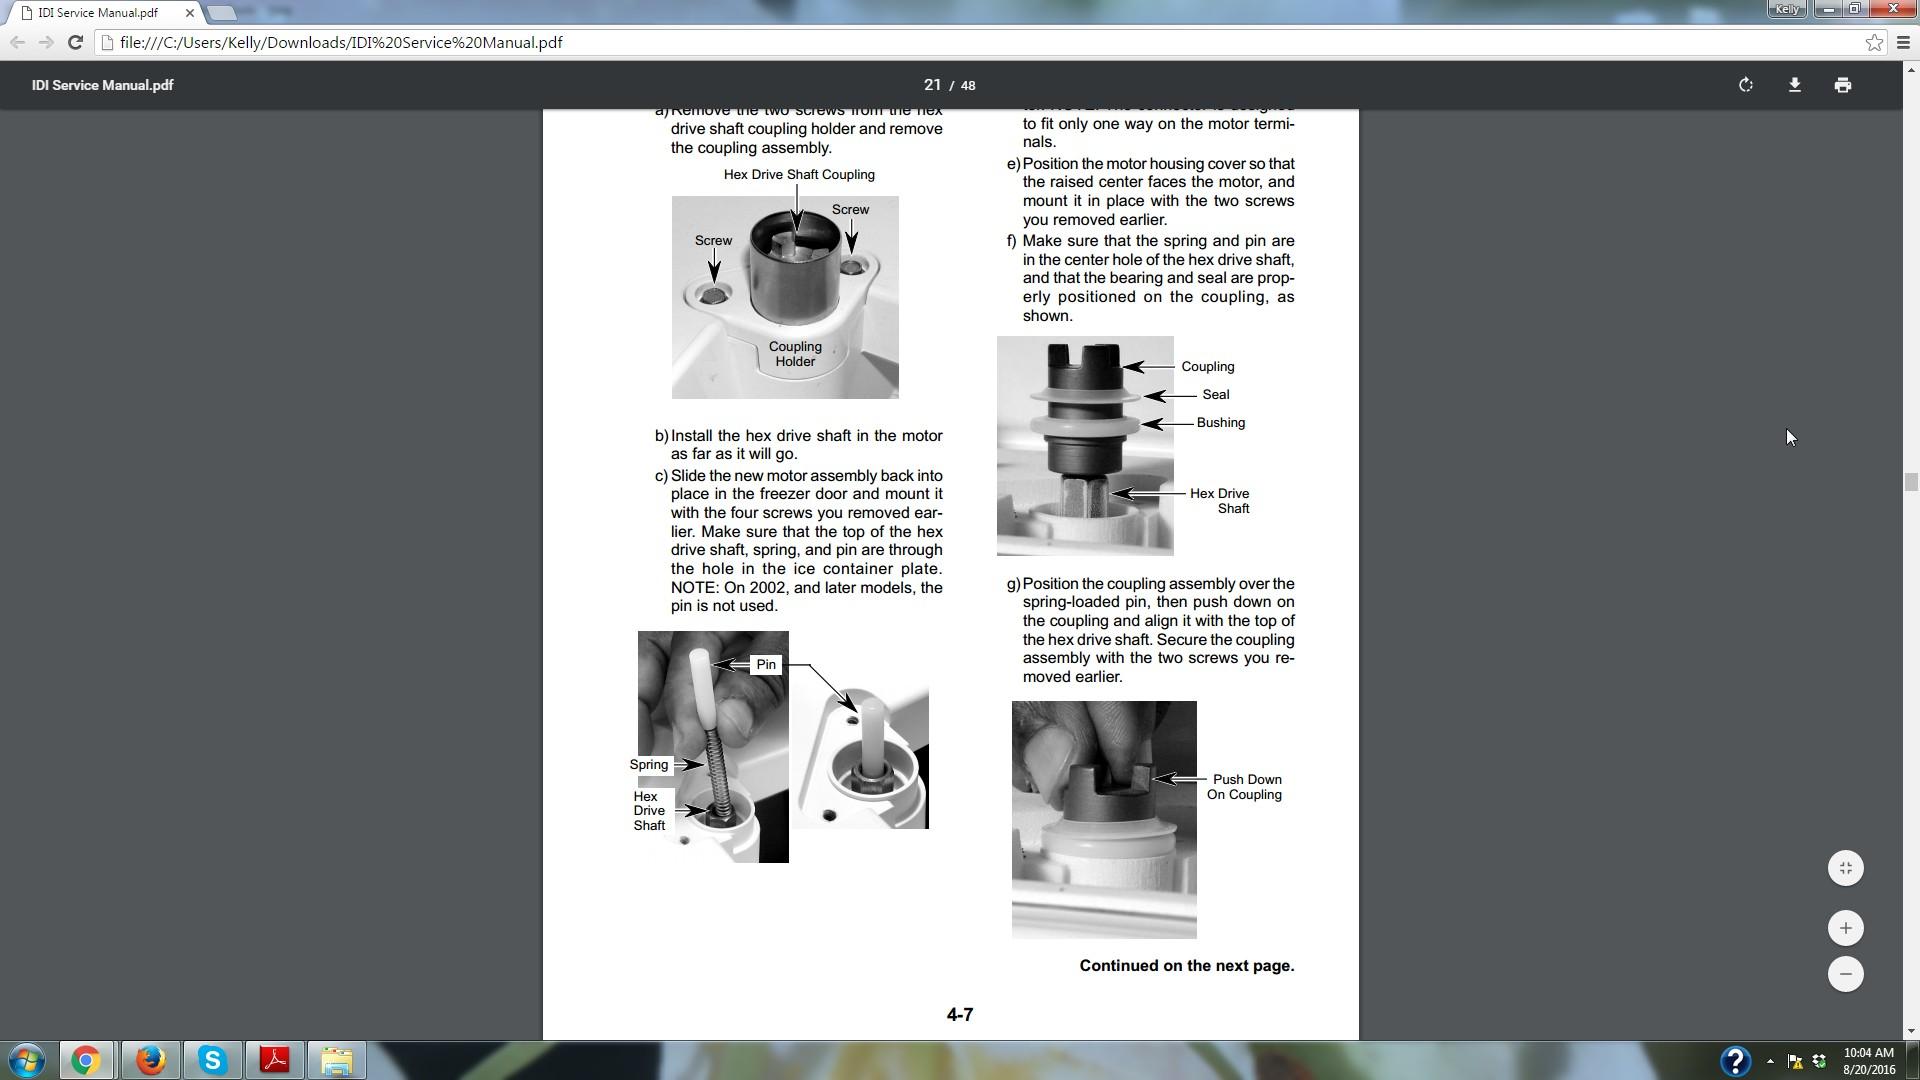 f1ca5162-c0f0-4d30-9bfd-d56fbde52b47_ScreenHunter_2772 Aug. 20 10.04.jpg